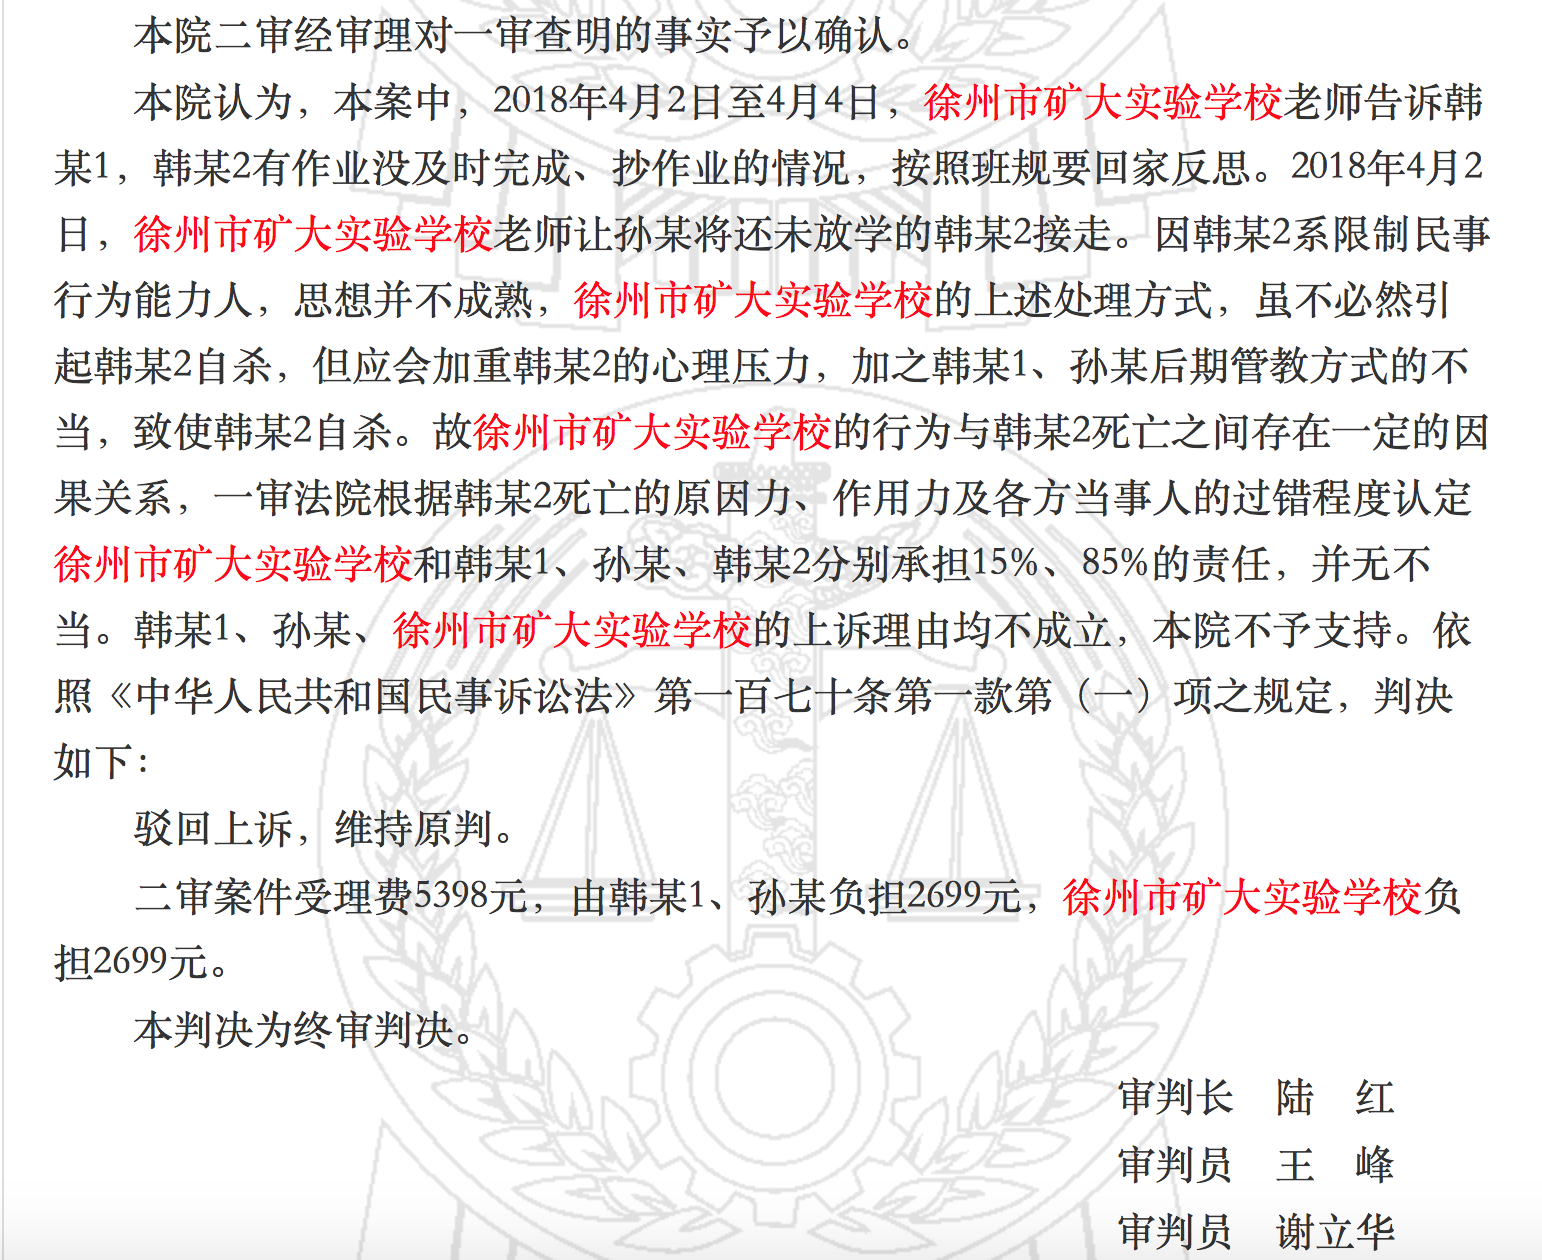 徐州中院二审驳回双方当事人的上诉,维持原判。 中国裁判文书网截图